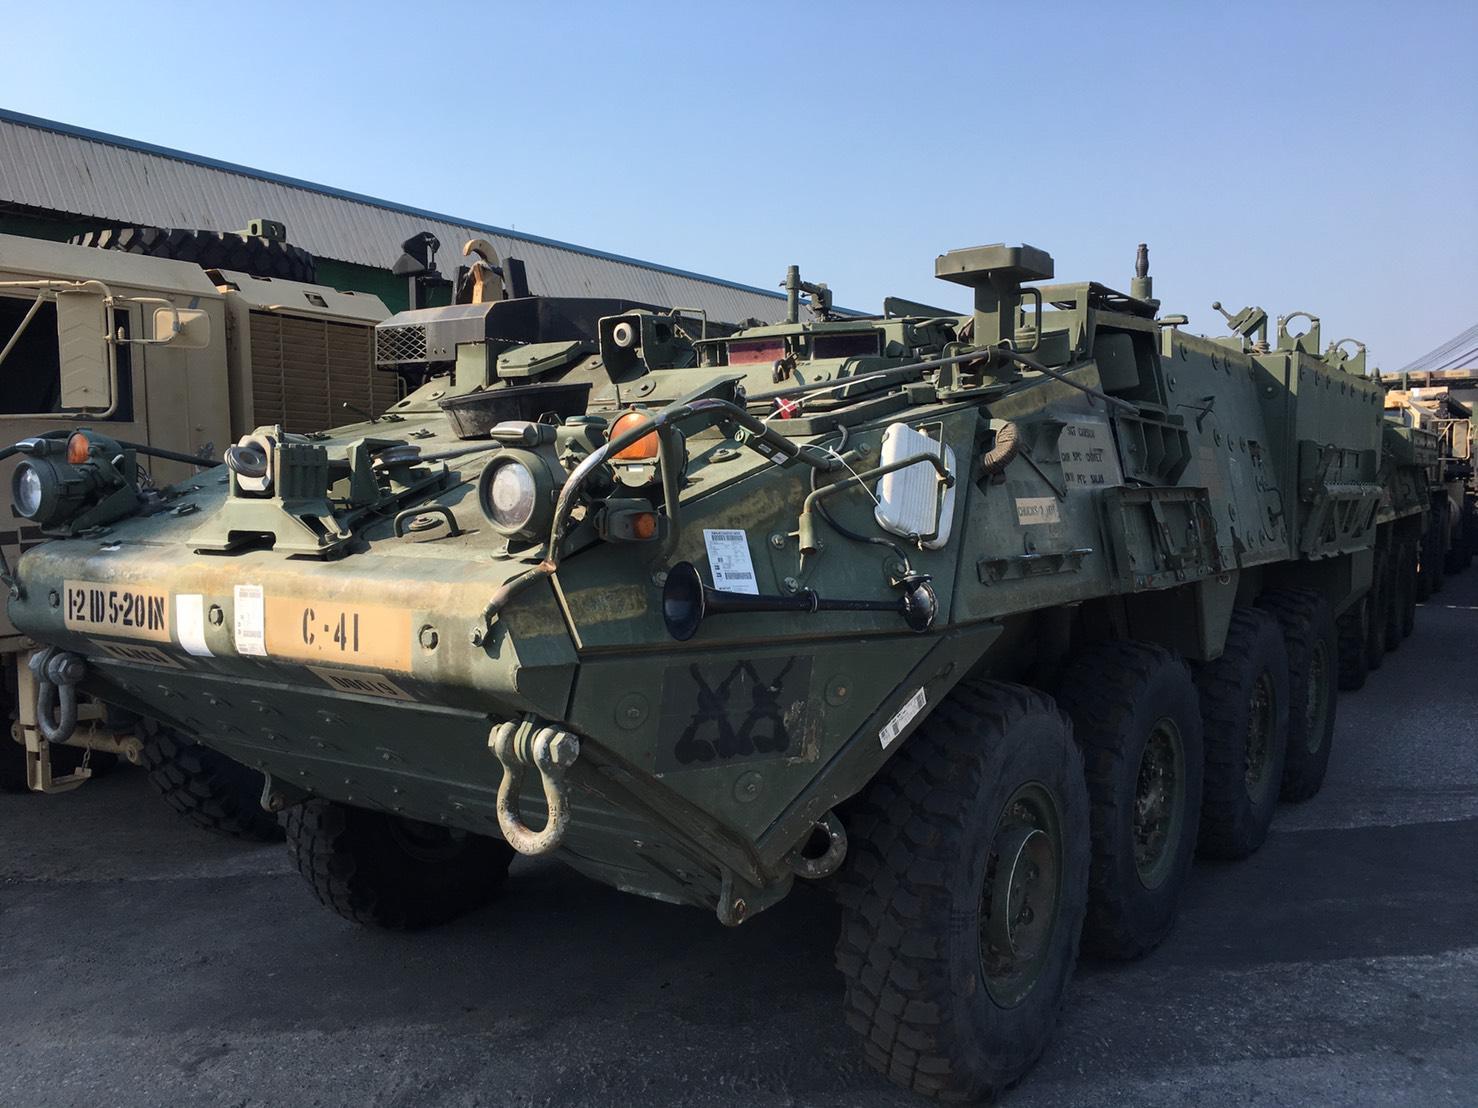 """มาแล้ว! กองทัพสหรัฐฯ ขน """"แบล็กฮอว์ก-ยานเกราะ"""" ซ้อมรบ คอบร้าโกลด์ 2019"""